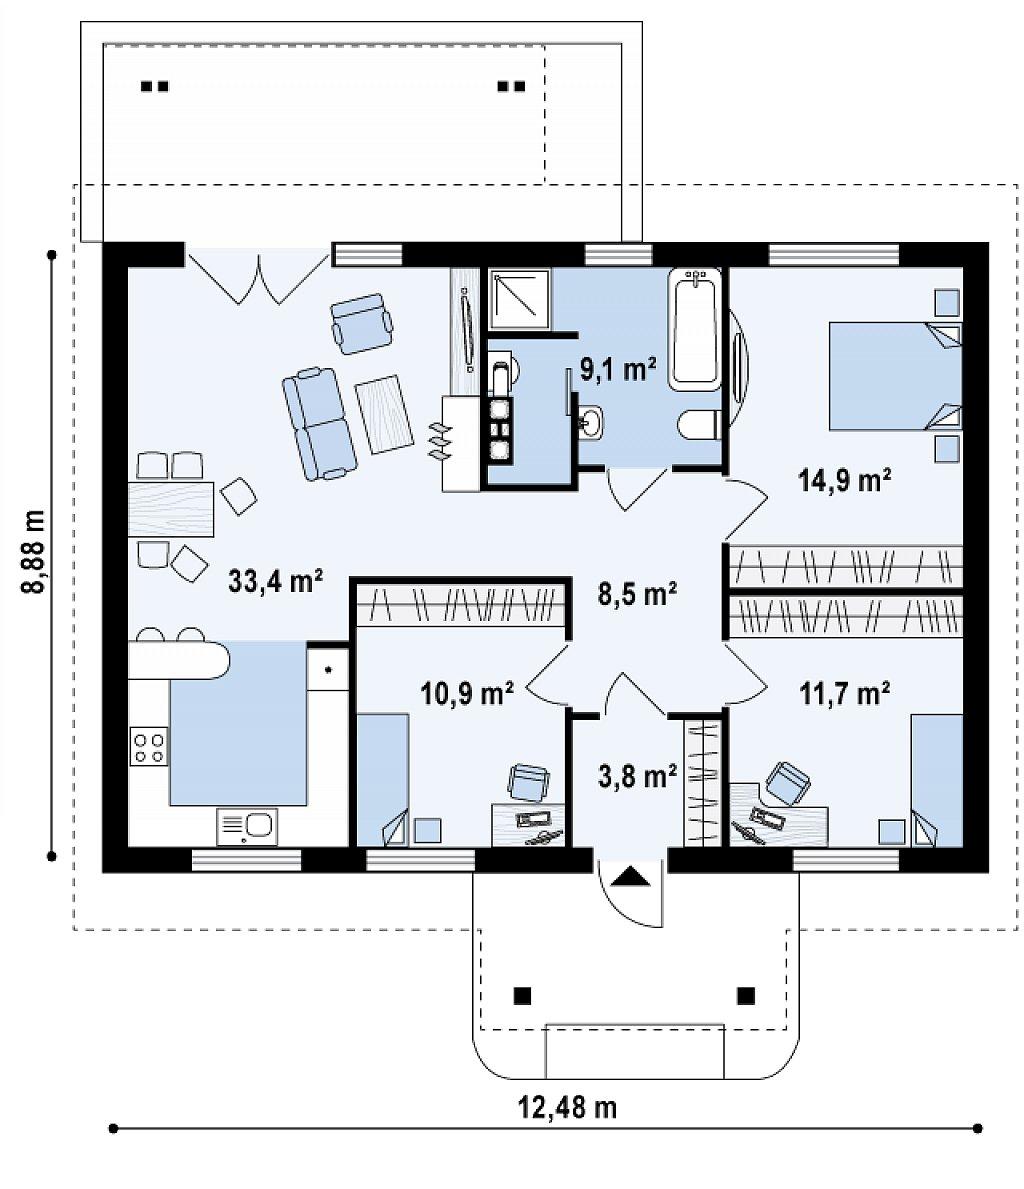 Аккуратный одноэтажный дом простой формы с двускатной крышей. план помещений 1